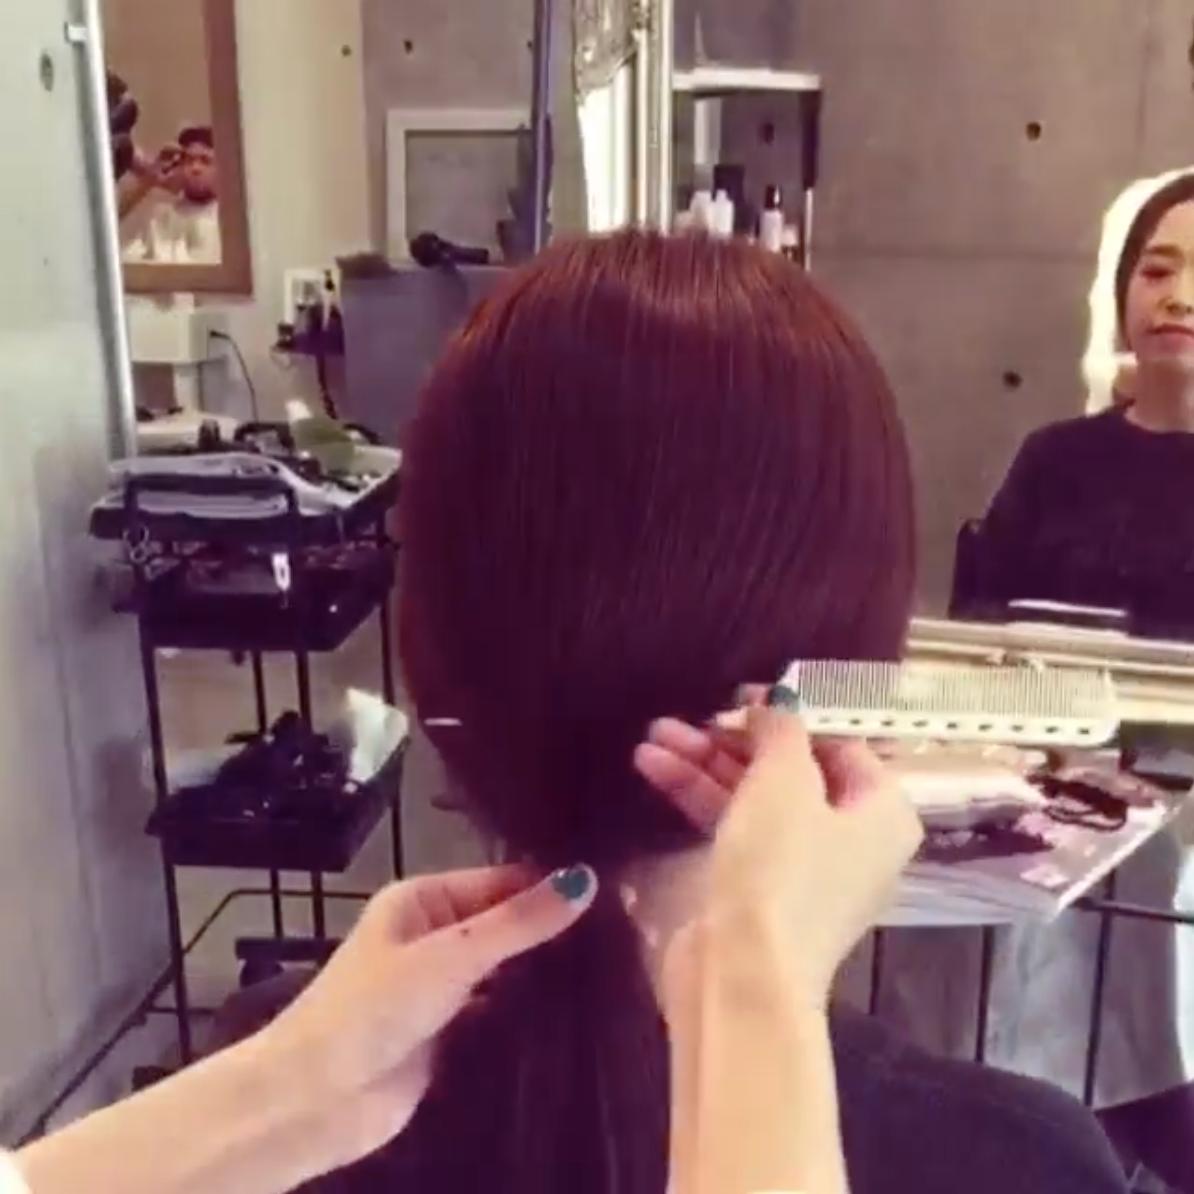 (2)接著拿梳子插入綁起的頭髮中央,往上輕輕的刮蓬,讓頭髮的圓形弧度出來。